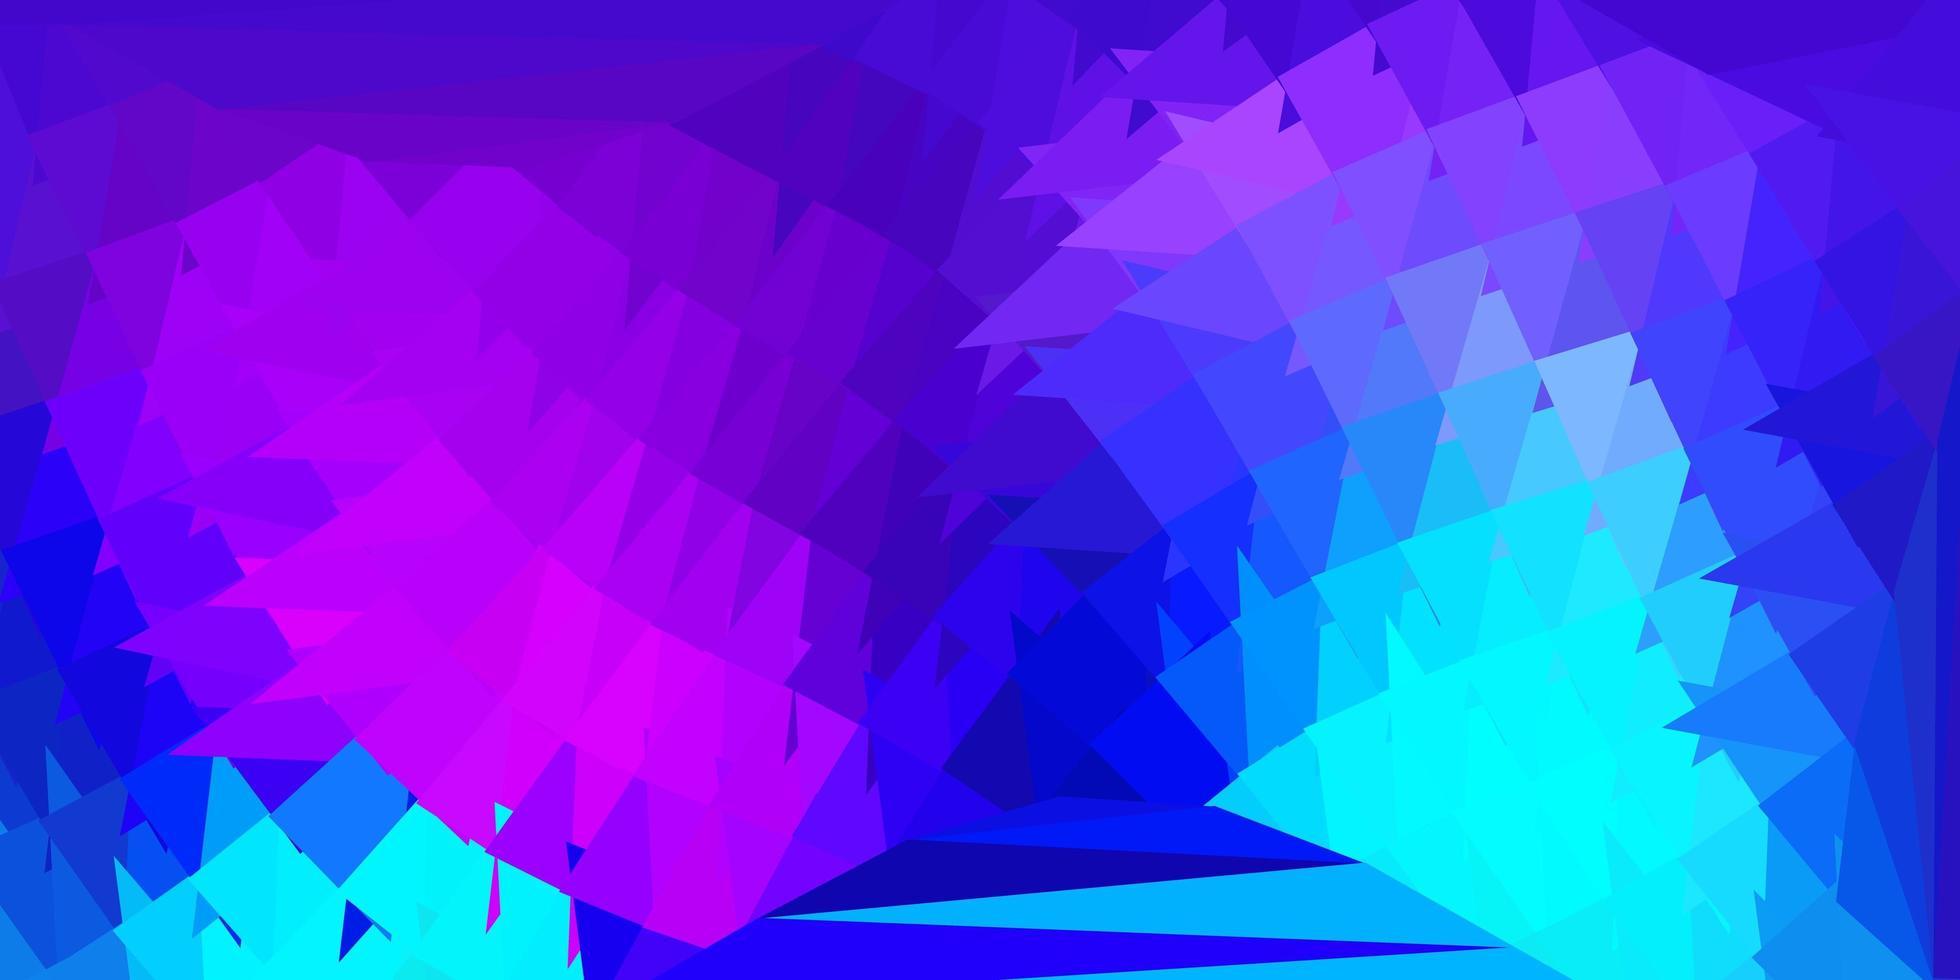 conception de polygone dégradé vecteur rose foncé, bleu.